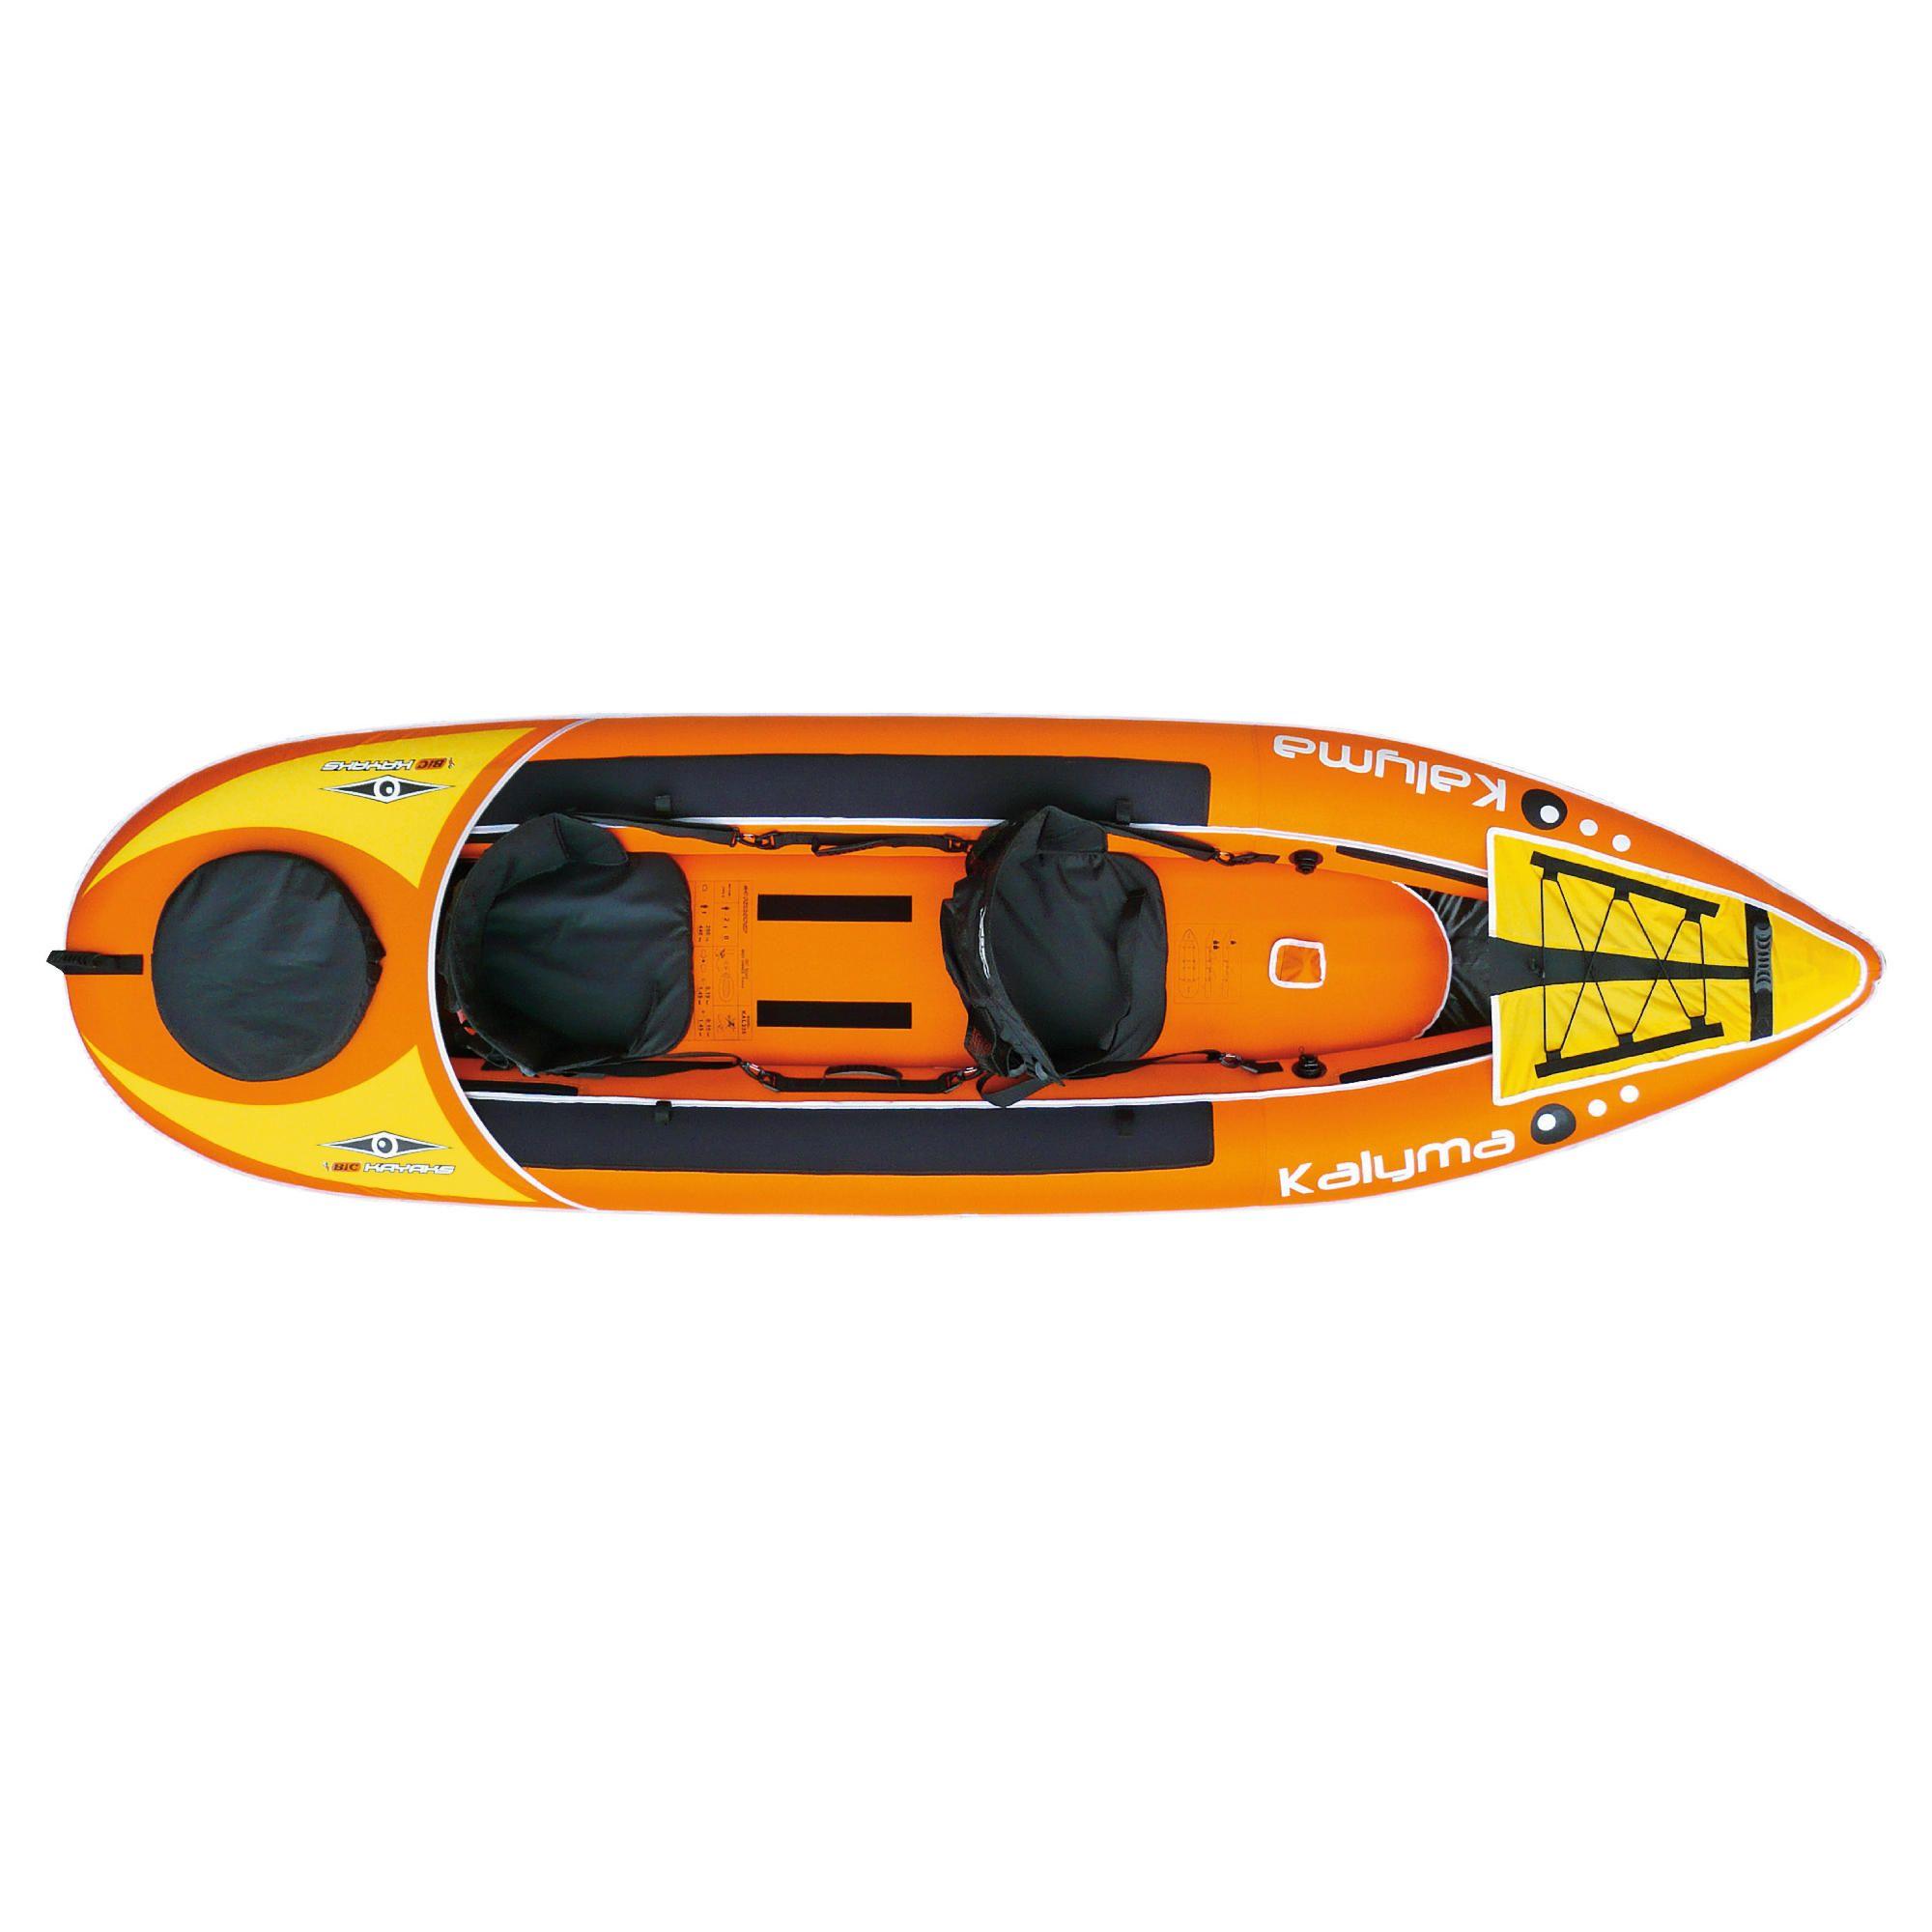 Bic Kalyma 2 Man Inflatable Kayak at Tesco Direct